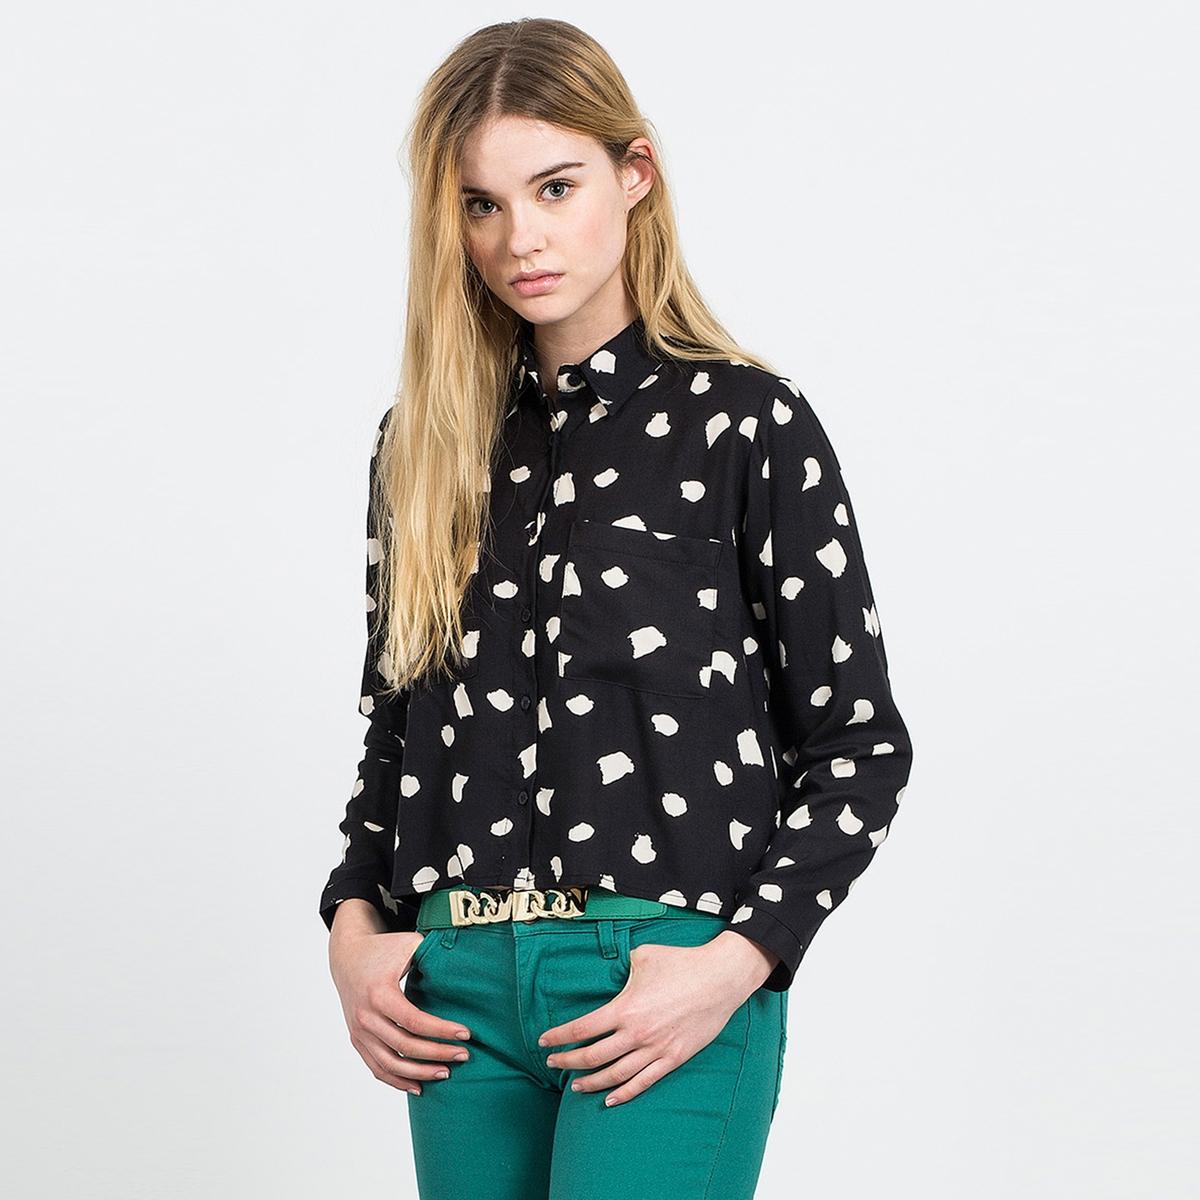 Рубашка с оригинальным рисунком  CRUELLA DE VIL BLACK TOPСостав и описание:Материал: 100% вискозыМарка: COMPANIA FANTASTICA.УходСтирать при 30° с вещами схожих цветовСтирать и гладить с изнаночной стороны<br><br>Цвет: черный<br>Размер: XL